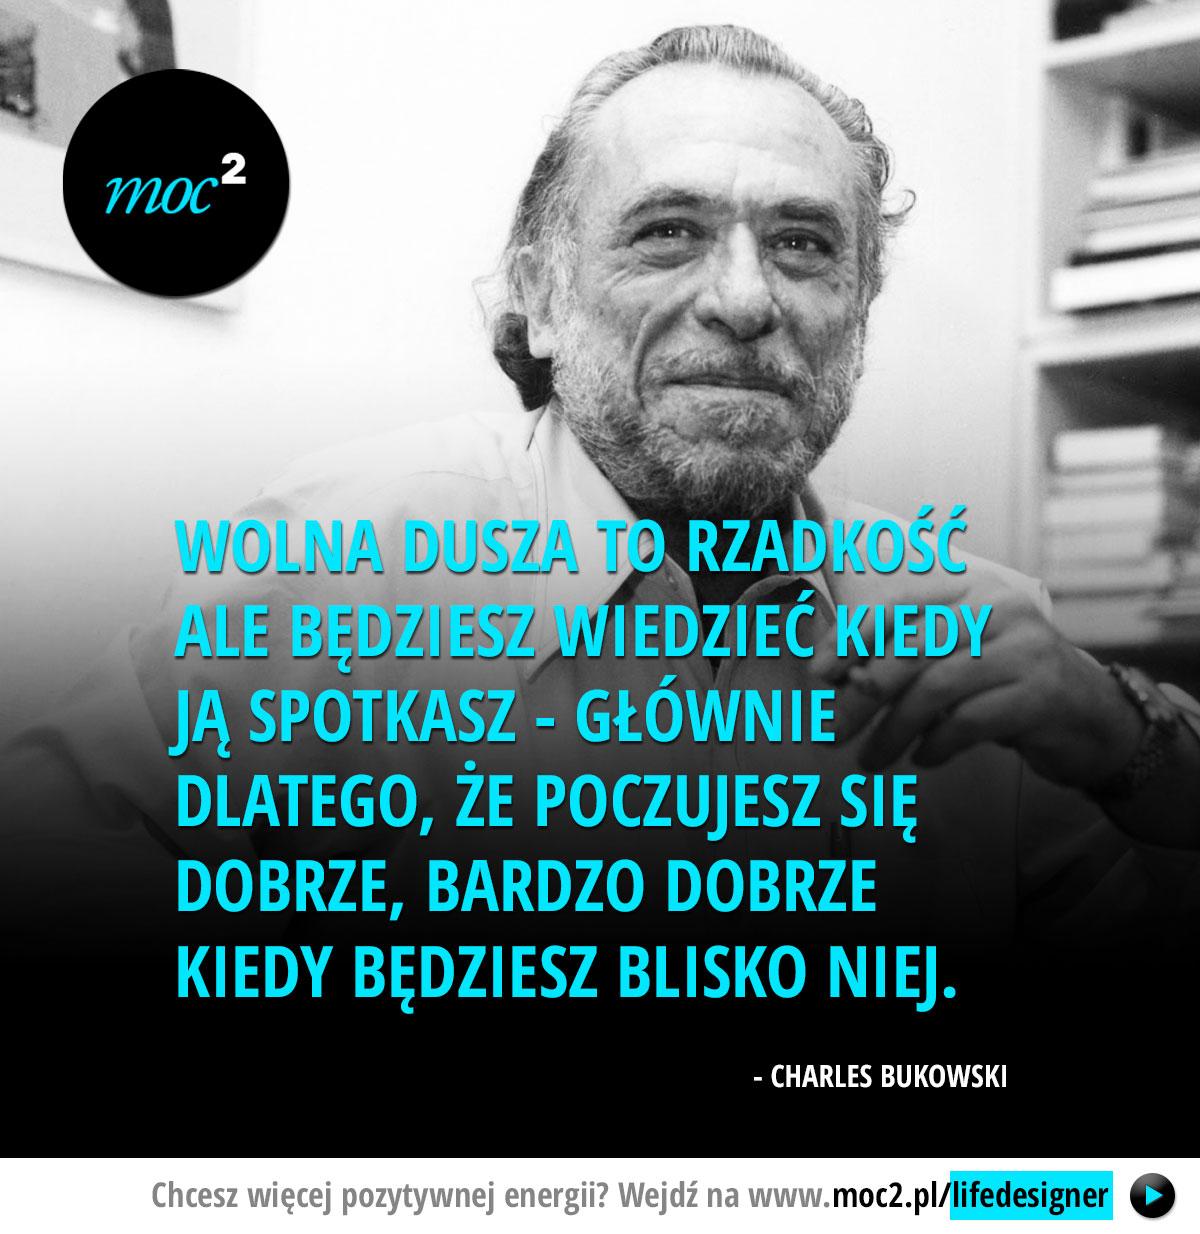 Wolna dusza to rzadkość ale będziesz wiedzieć kiedy ją spotkasz - głównie dlatego, że poczujesz się dobrze, bardzo dobrze kiedy będziesz blisko niej. - Charles Bukowski